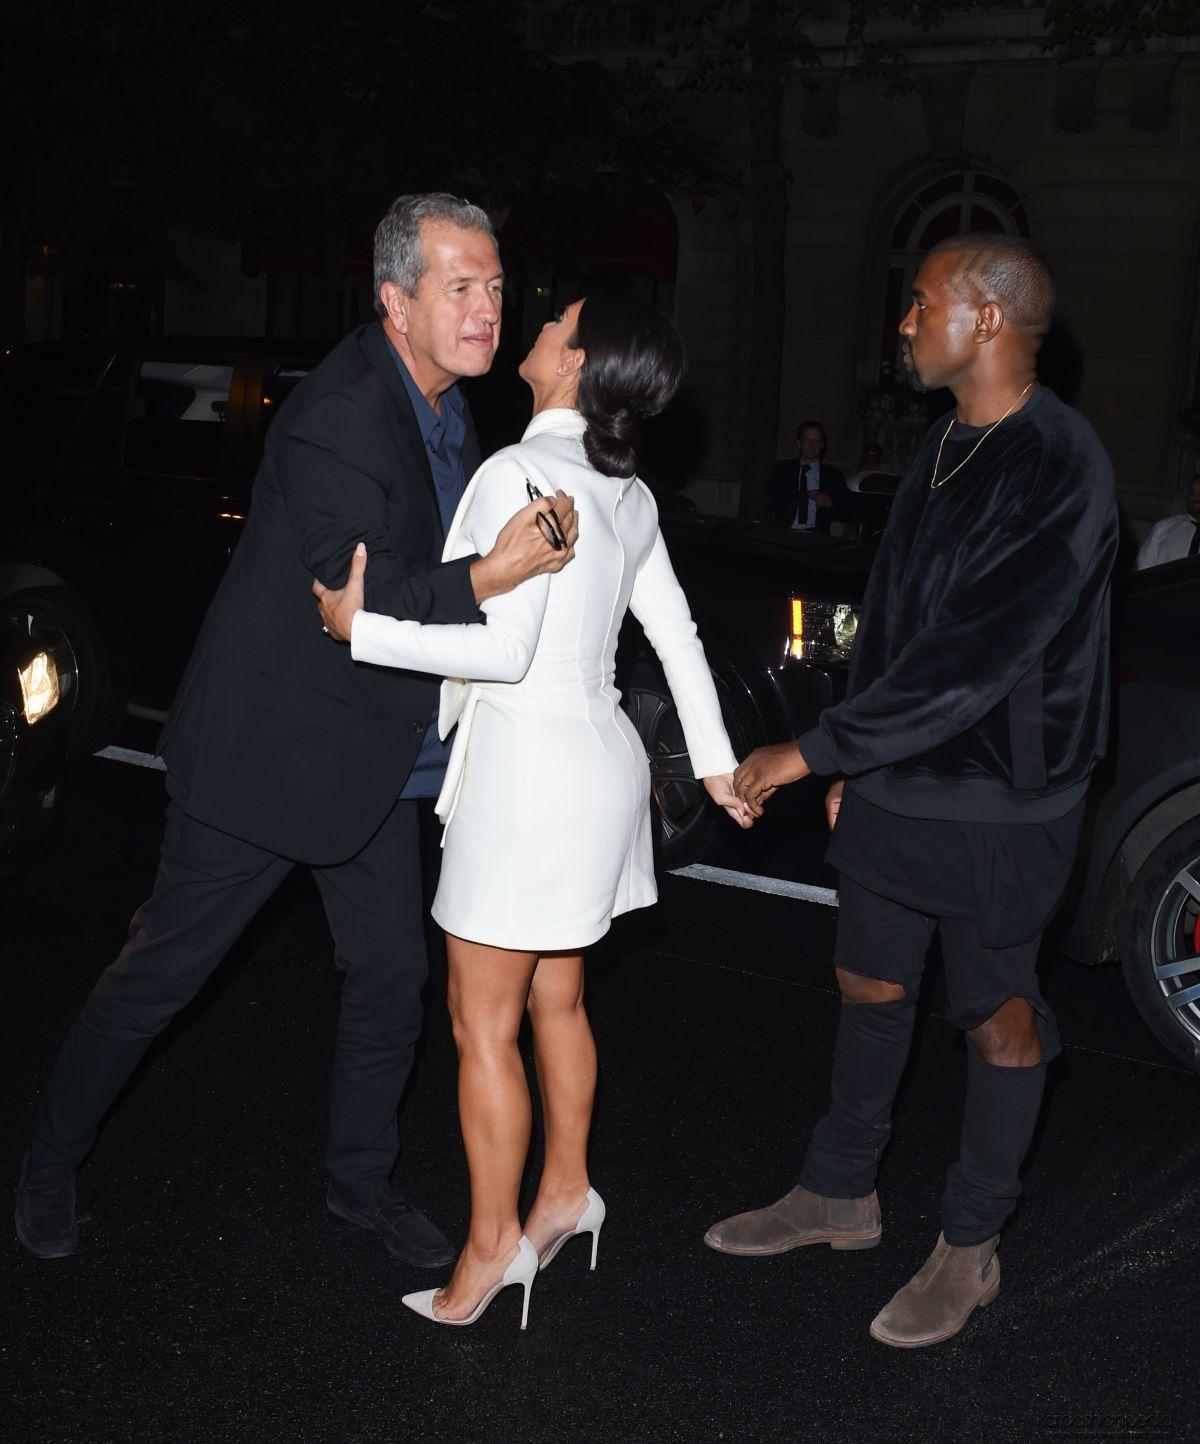 Ki Kim Kardashian Dresses For Cheap - Kim kardashian arrives at a party at fashion week in paris